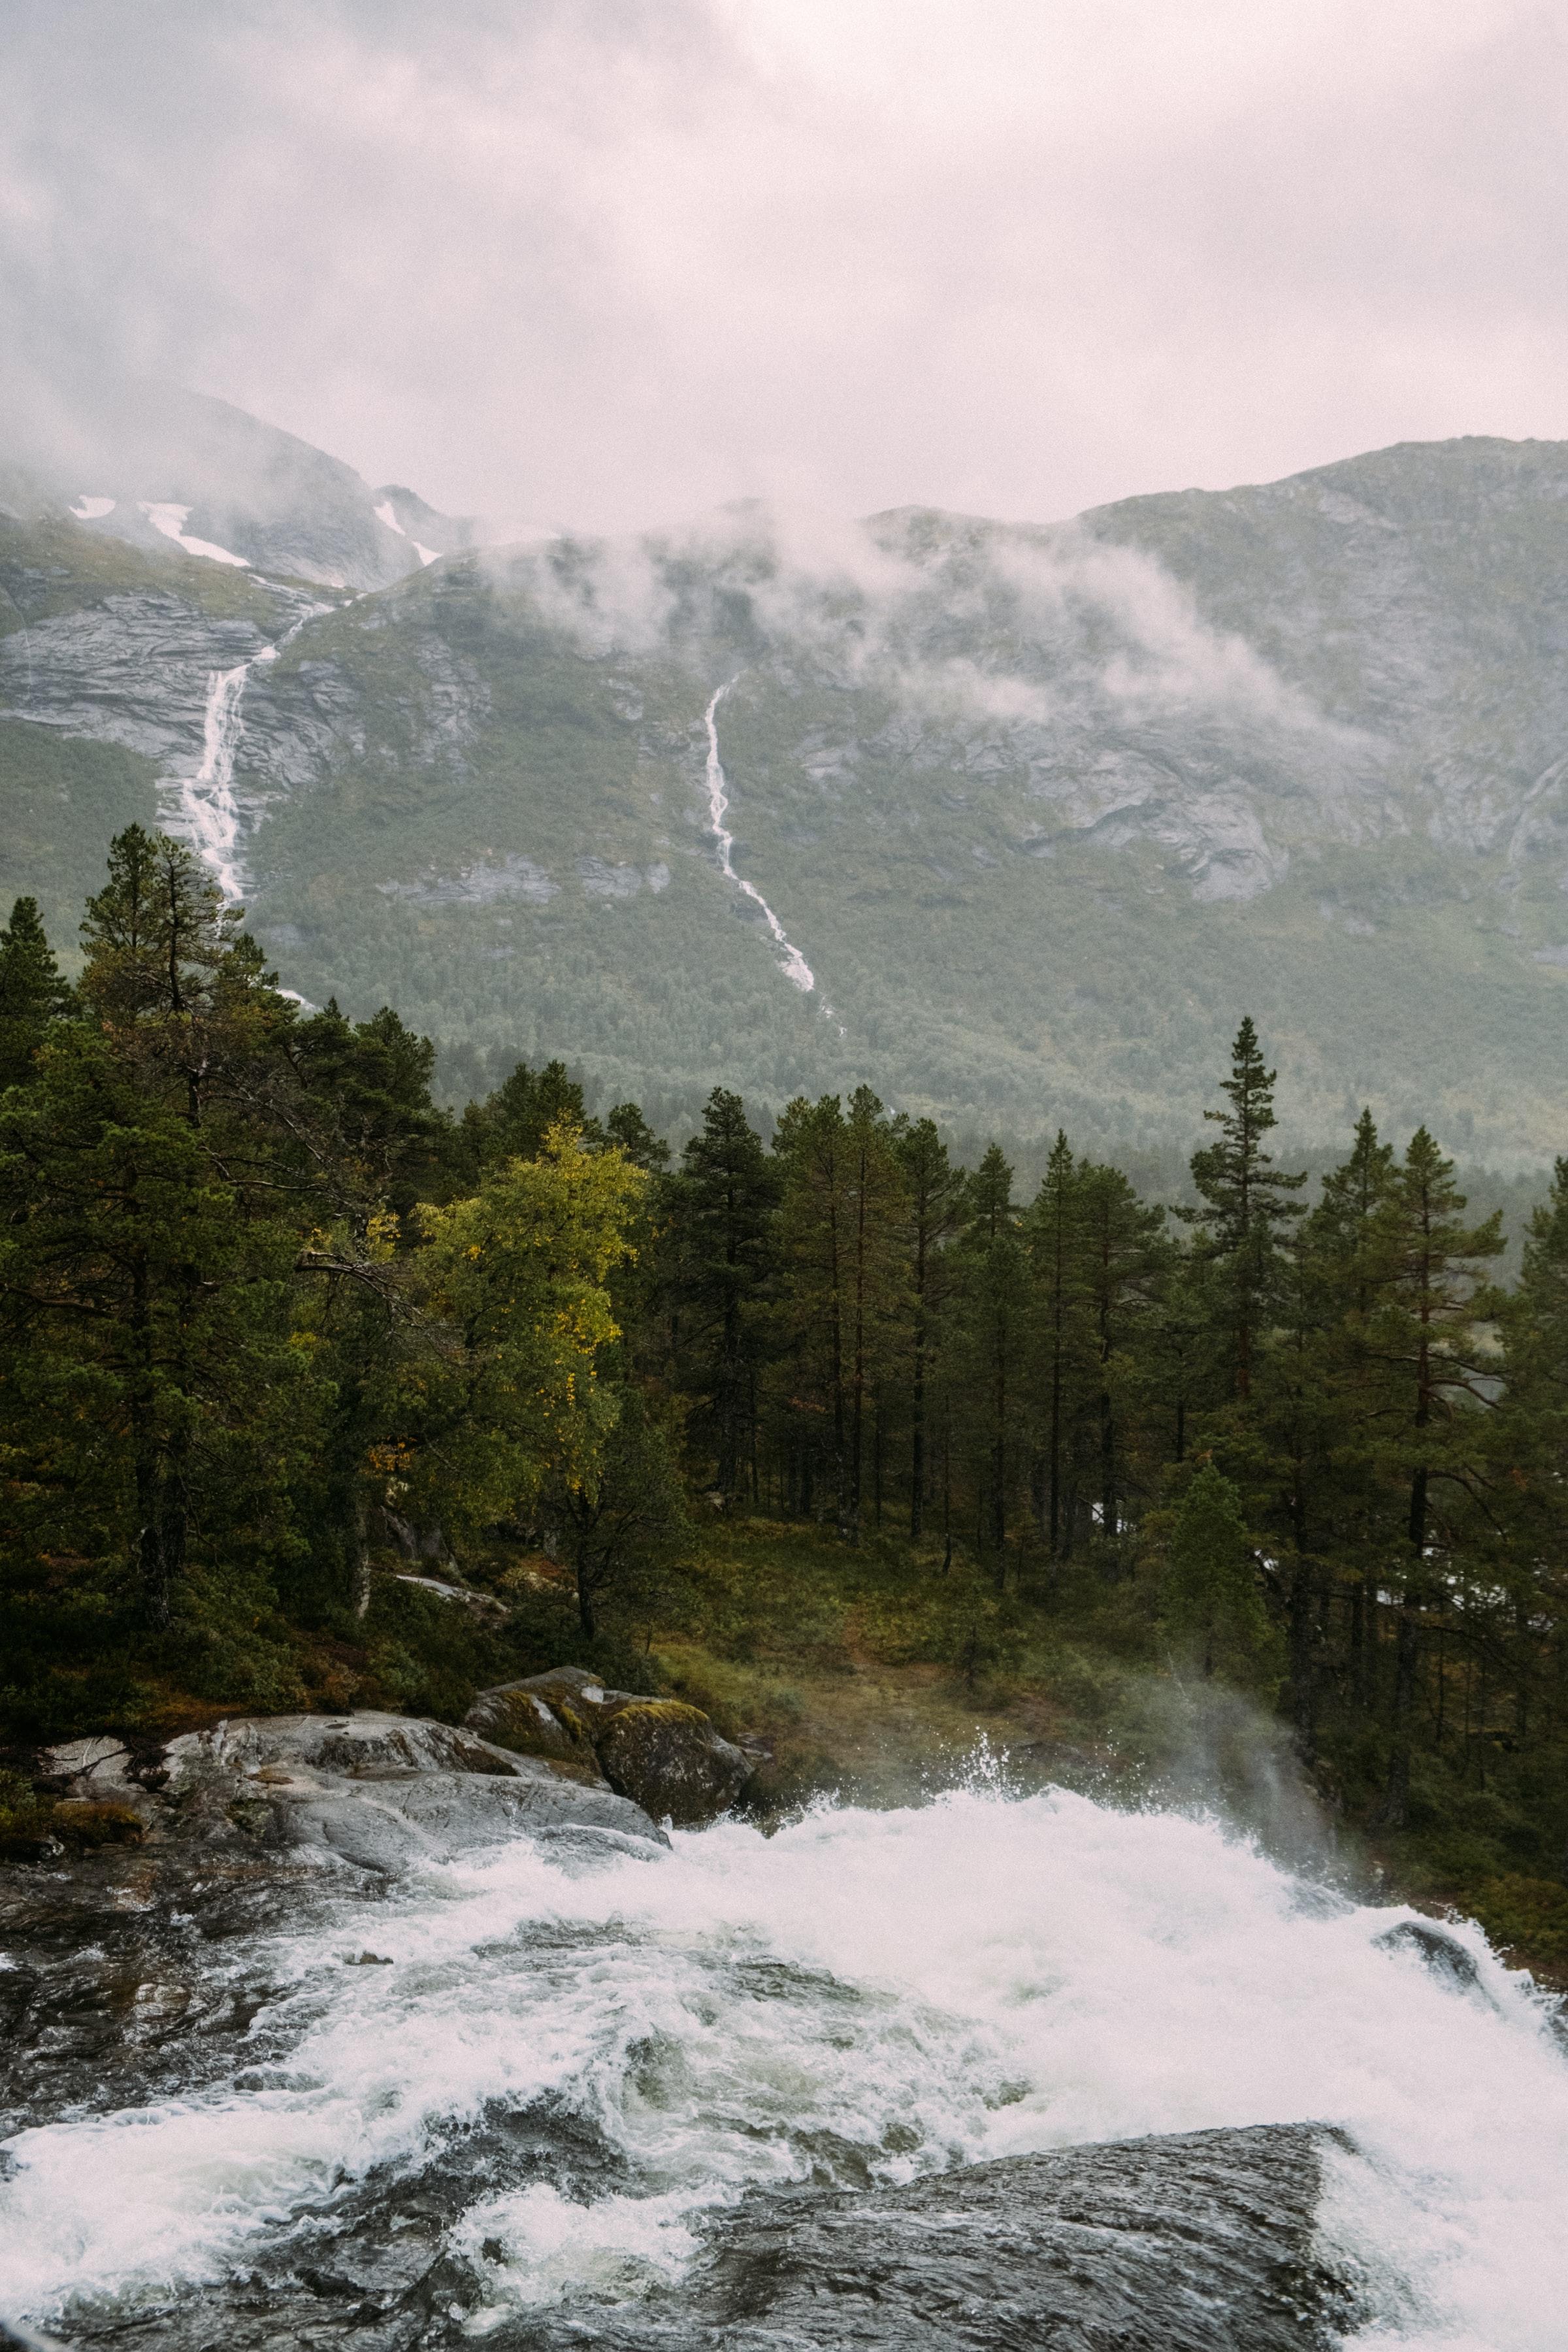 146349 скачать обои Природа, Река, Водопад, Ель, Деревья, Горы - заставки и картинки бесплатно